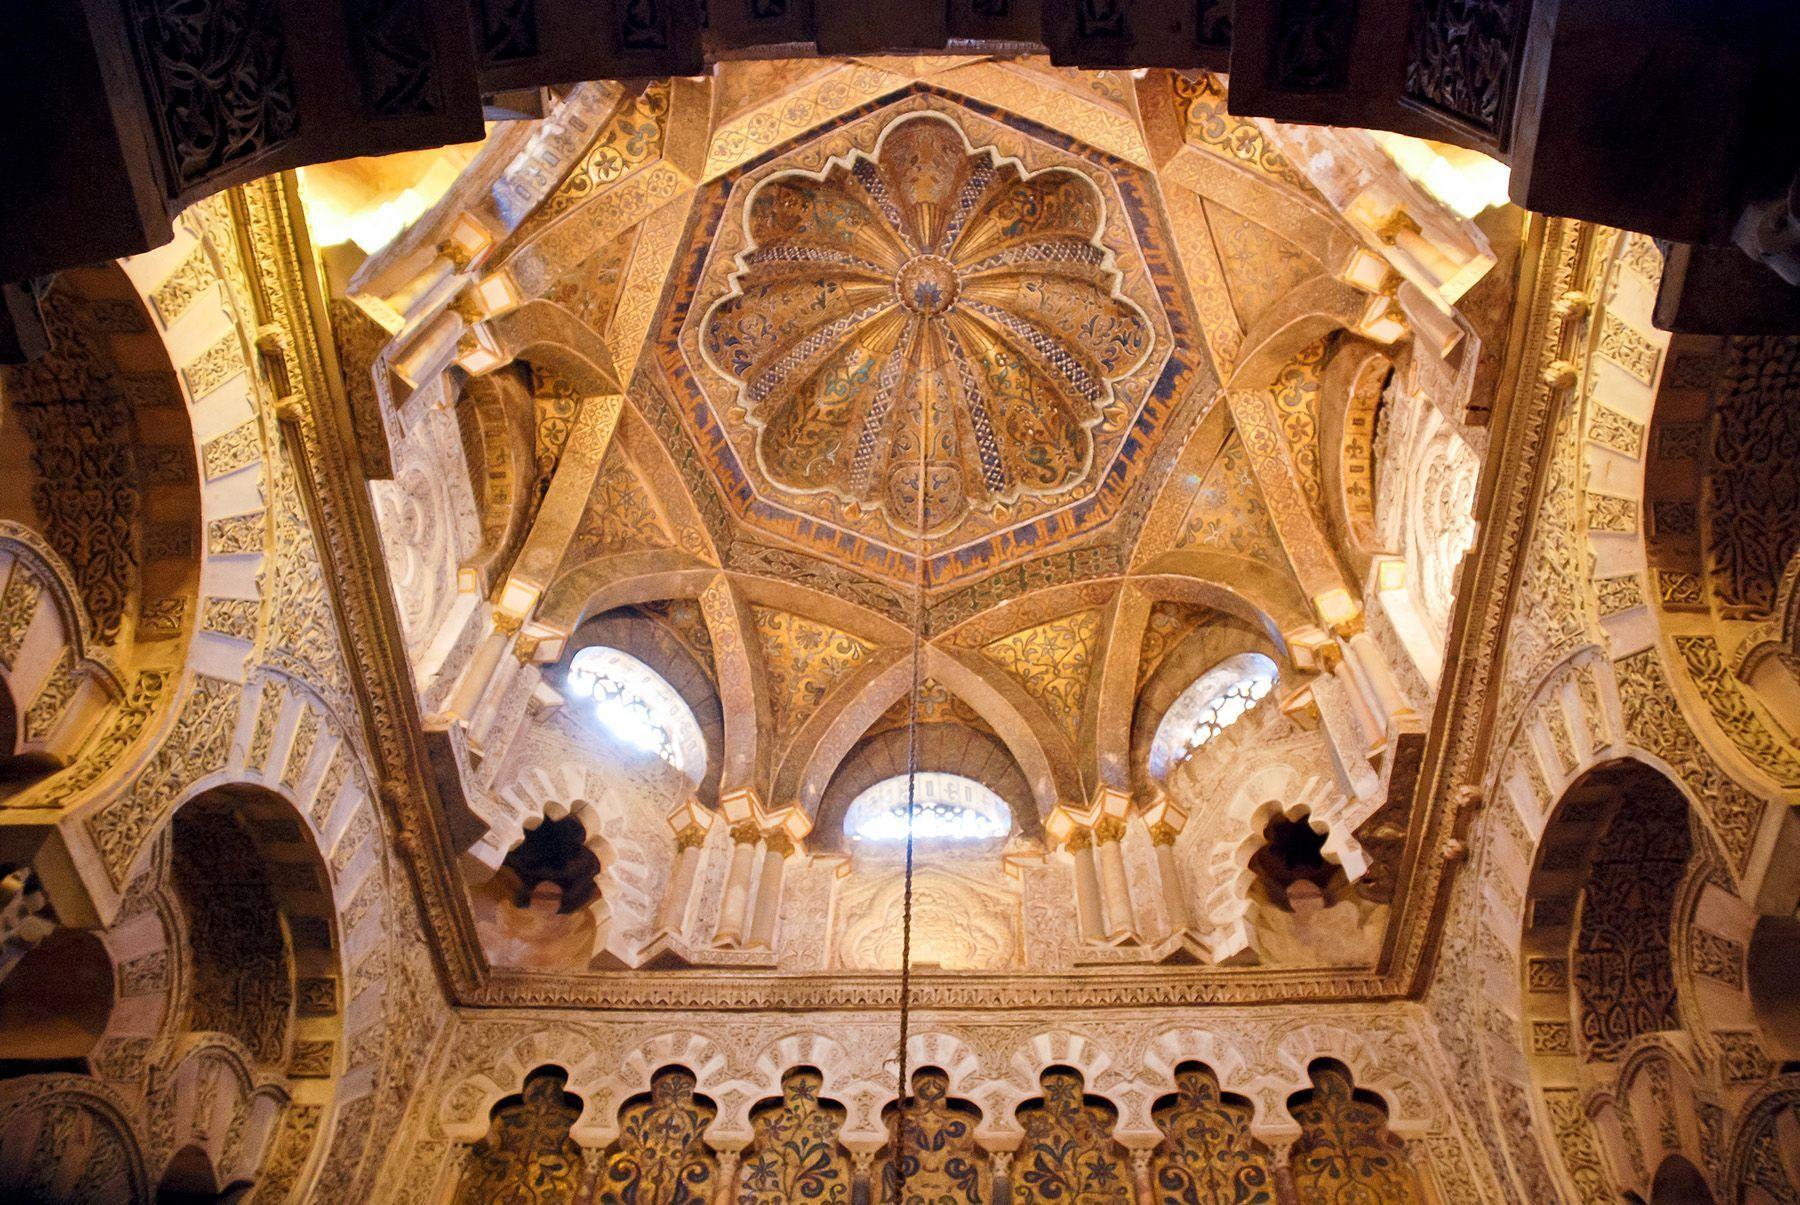 La Mezquita de Córdoba. Claves históricas e ideológicas de una controversia